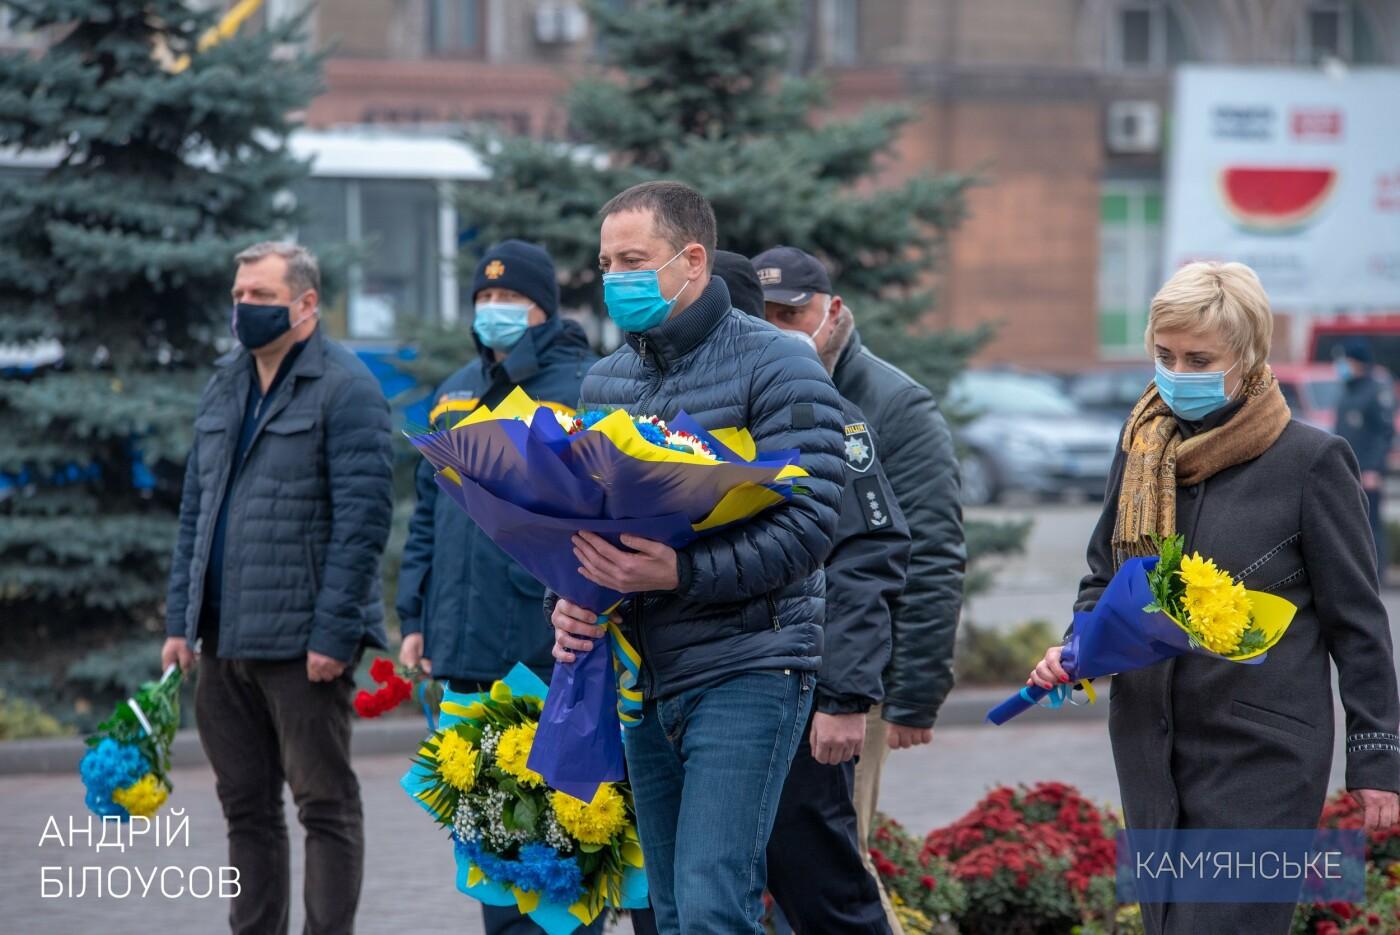 У Кам'янському відбулася церемонія покладання квітів з нагоди Дня Гідності та Свободи, фото-1